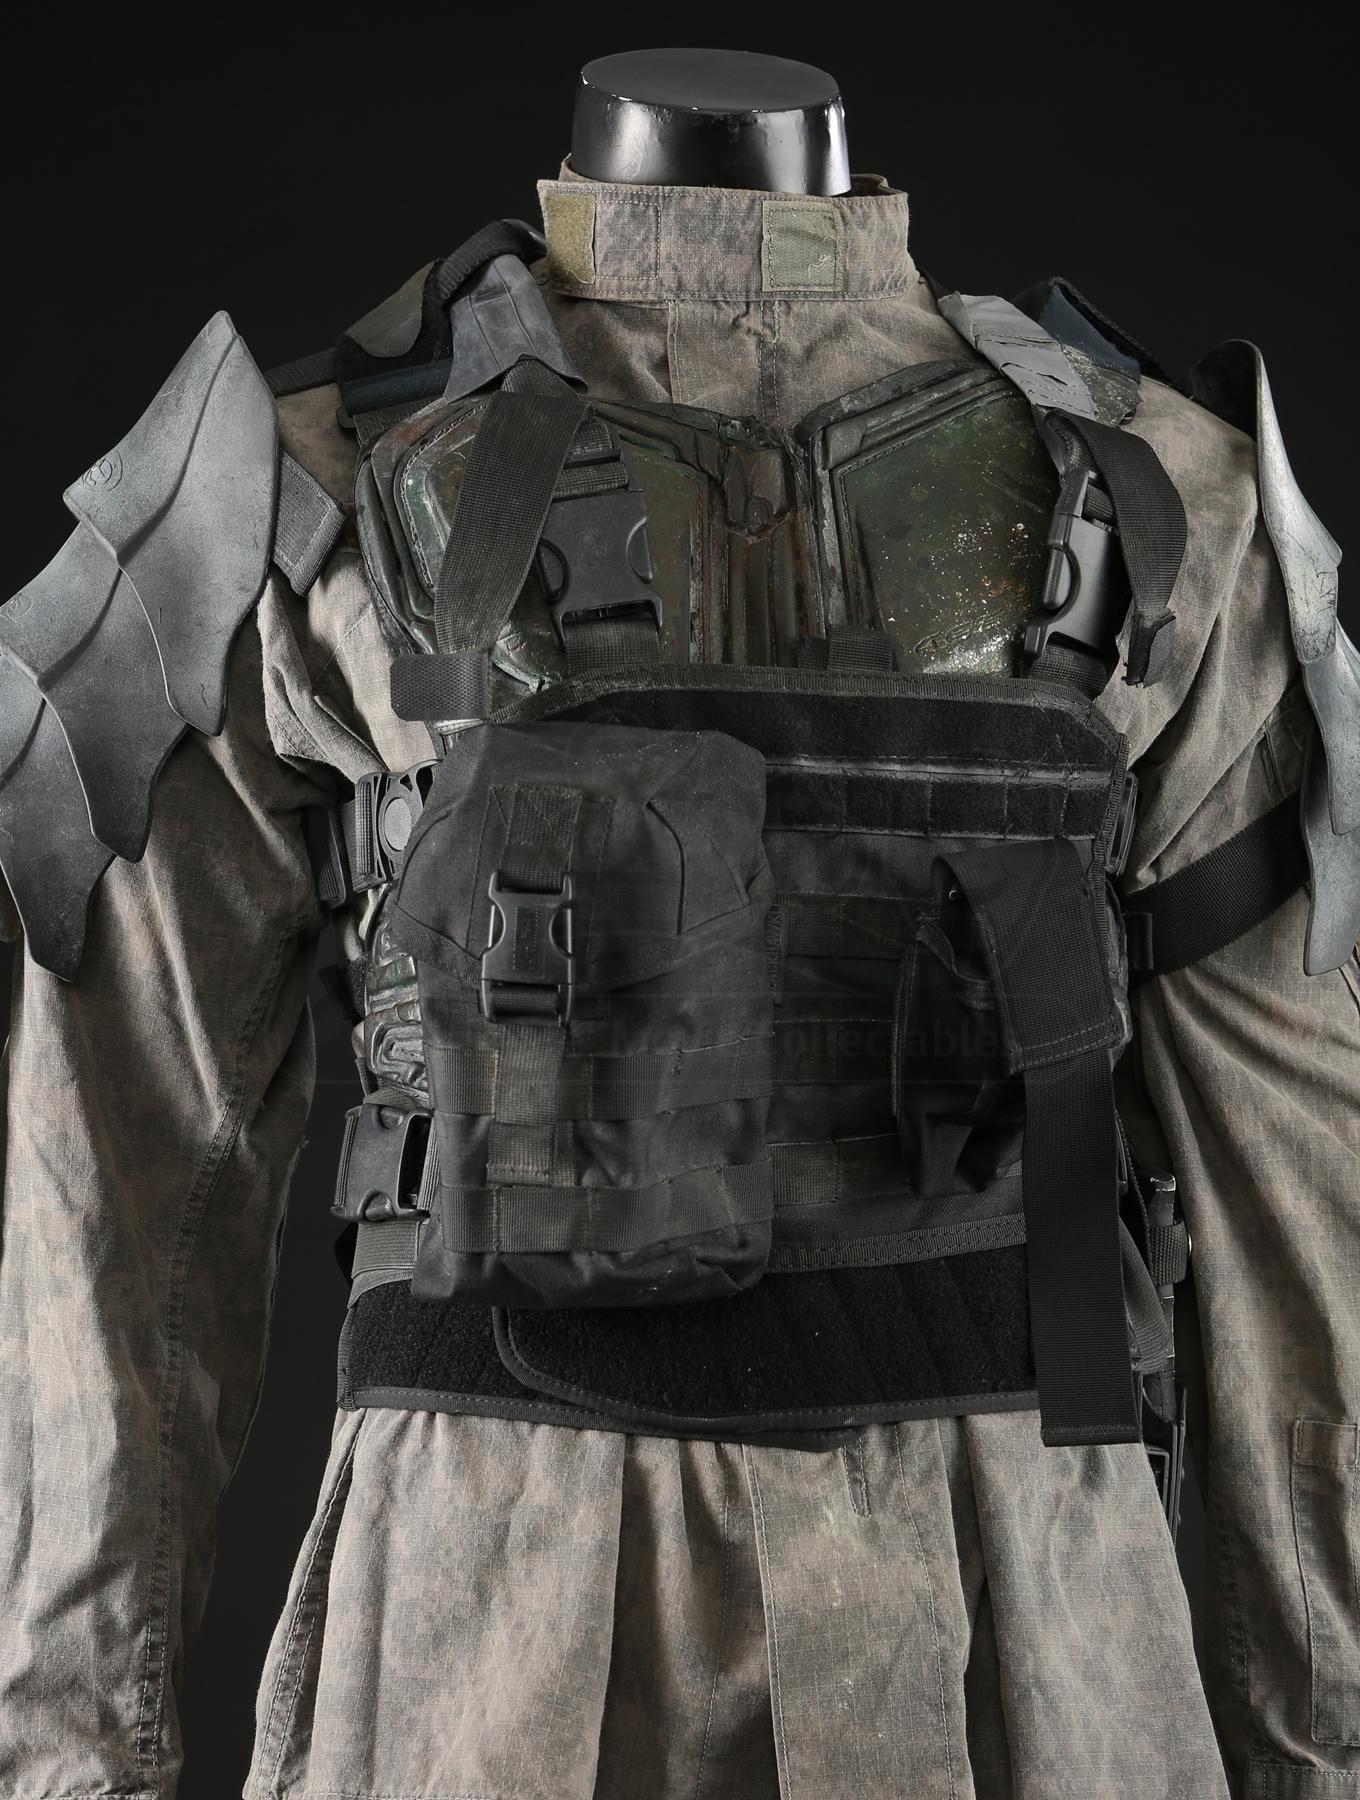 Terminator Genisys: Future Guerilla Soldier Fatigues and ...